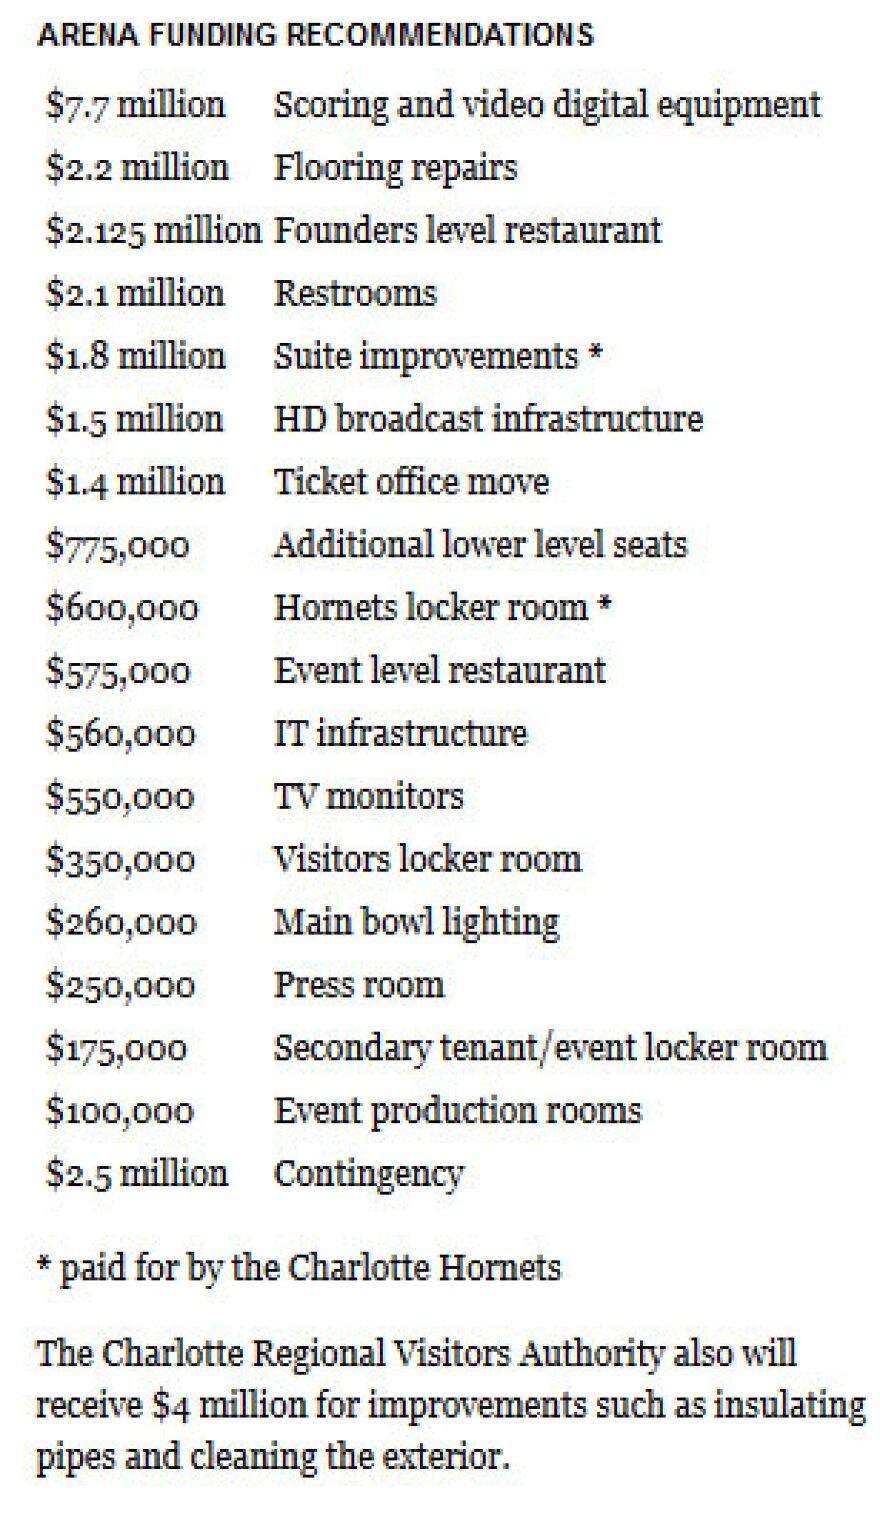 arenafunding.jpg